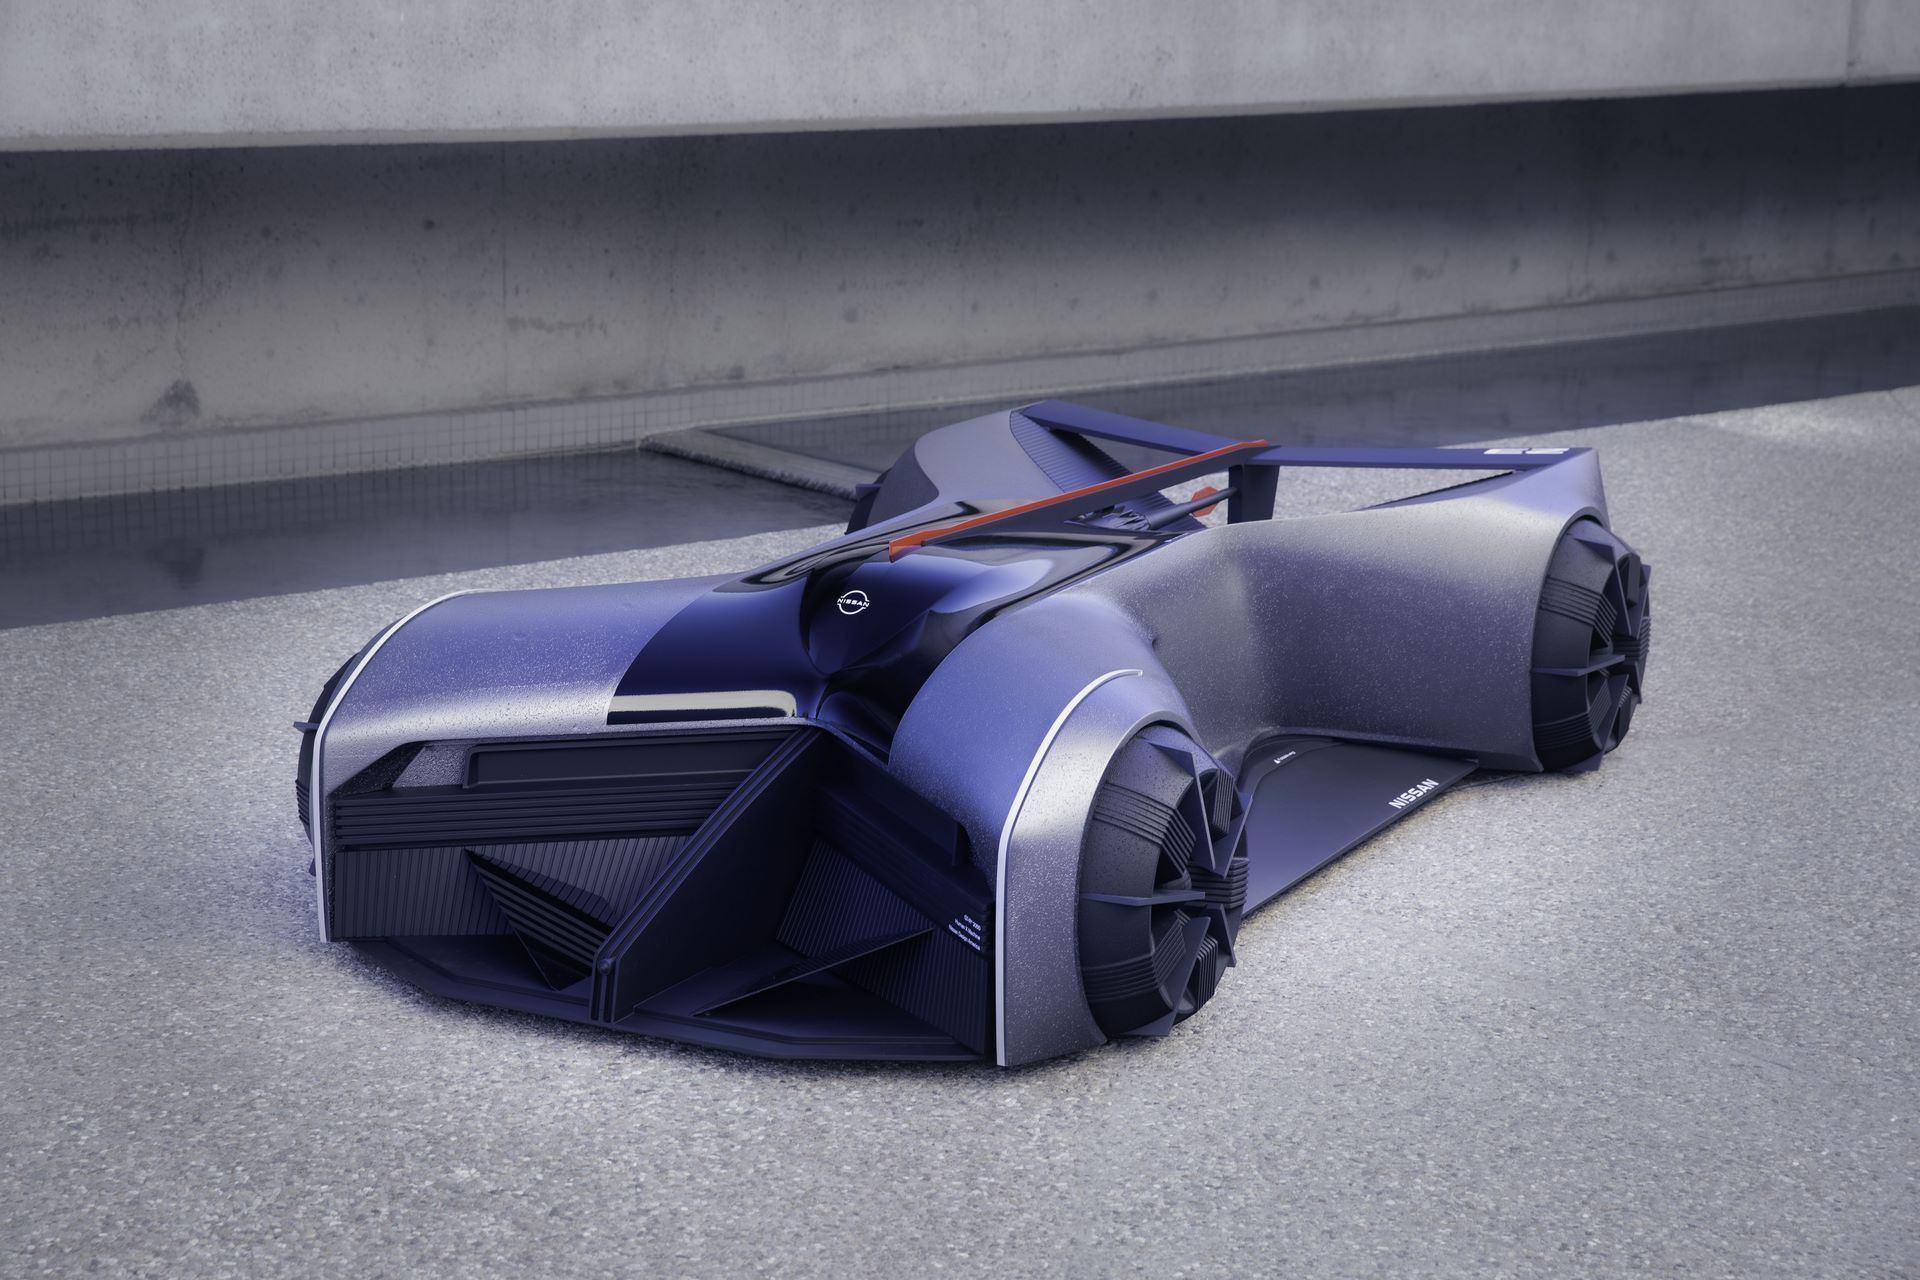 Nissan-GT-R-X-2050-Concept-6